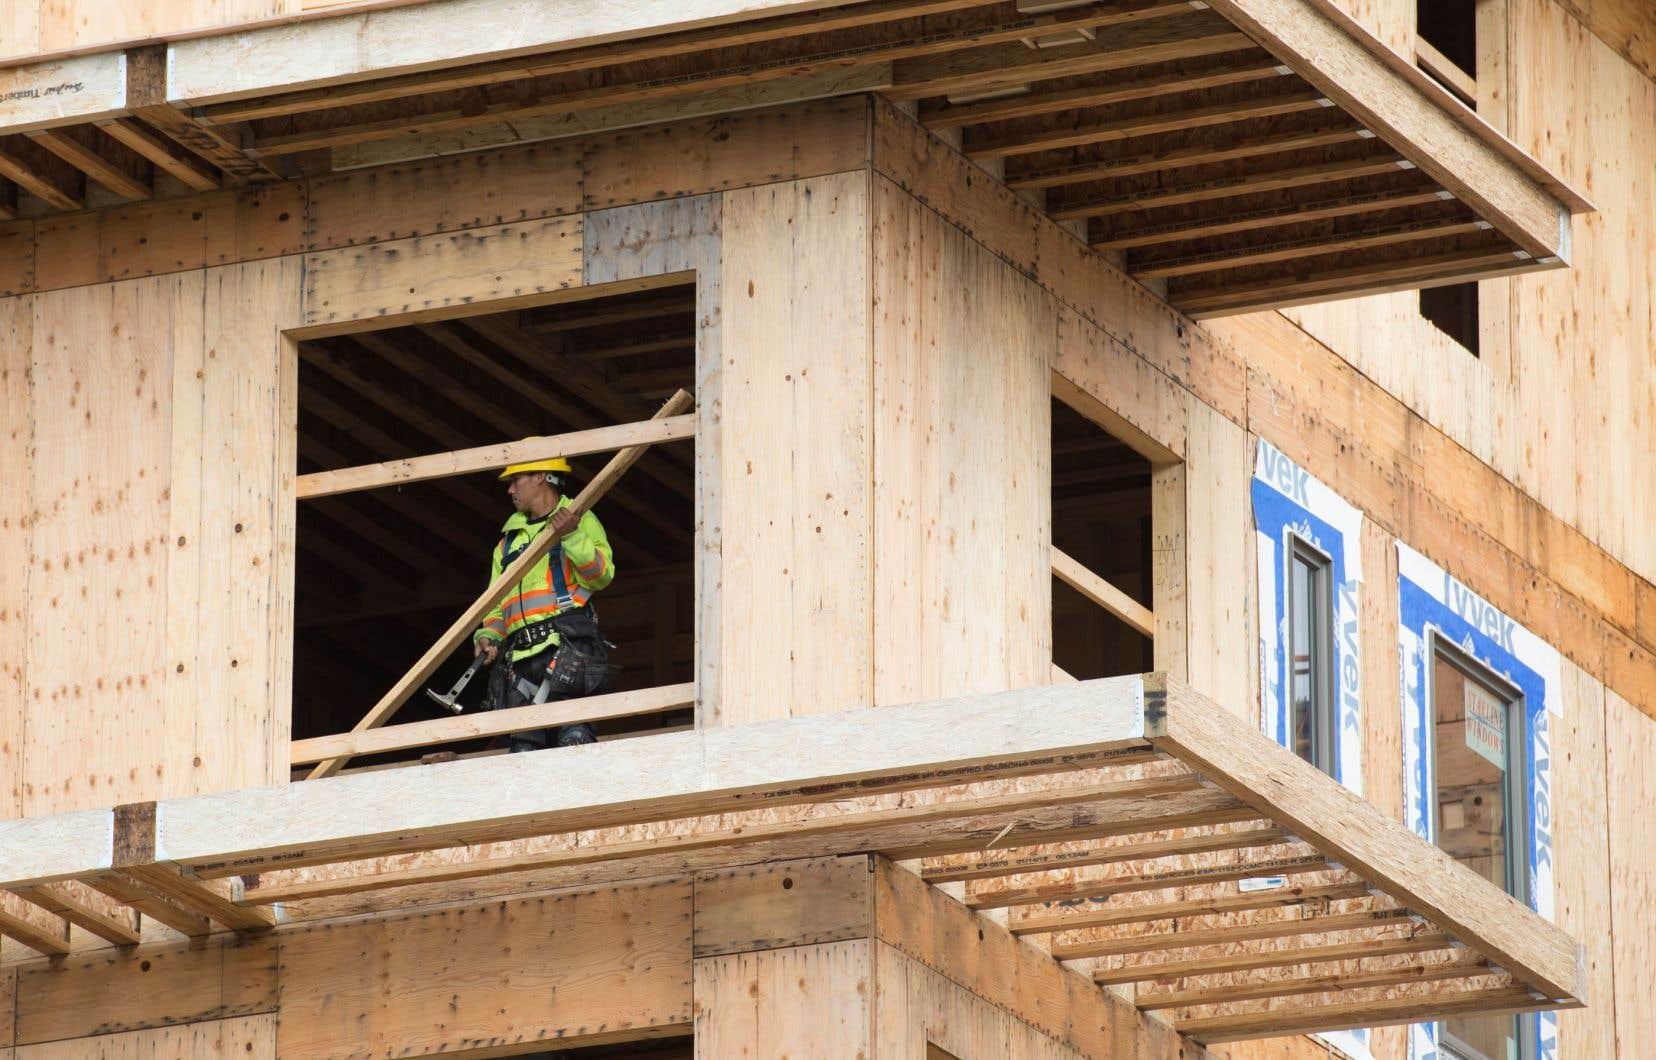 Sur l'ensemble de 2020, la SCHL a dénombré 47 232 mises en chantier d'habitations dans la province, ce qui correspond à une augmentation de 8% par rapport à 2019.